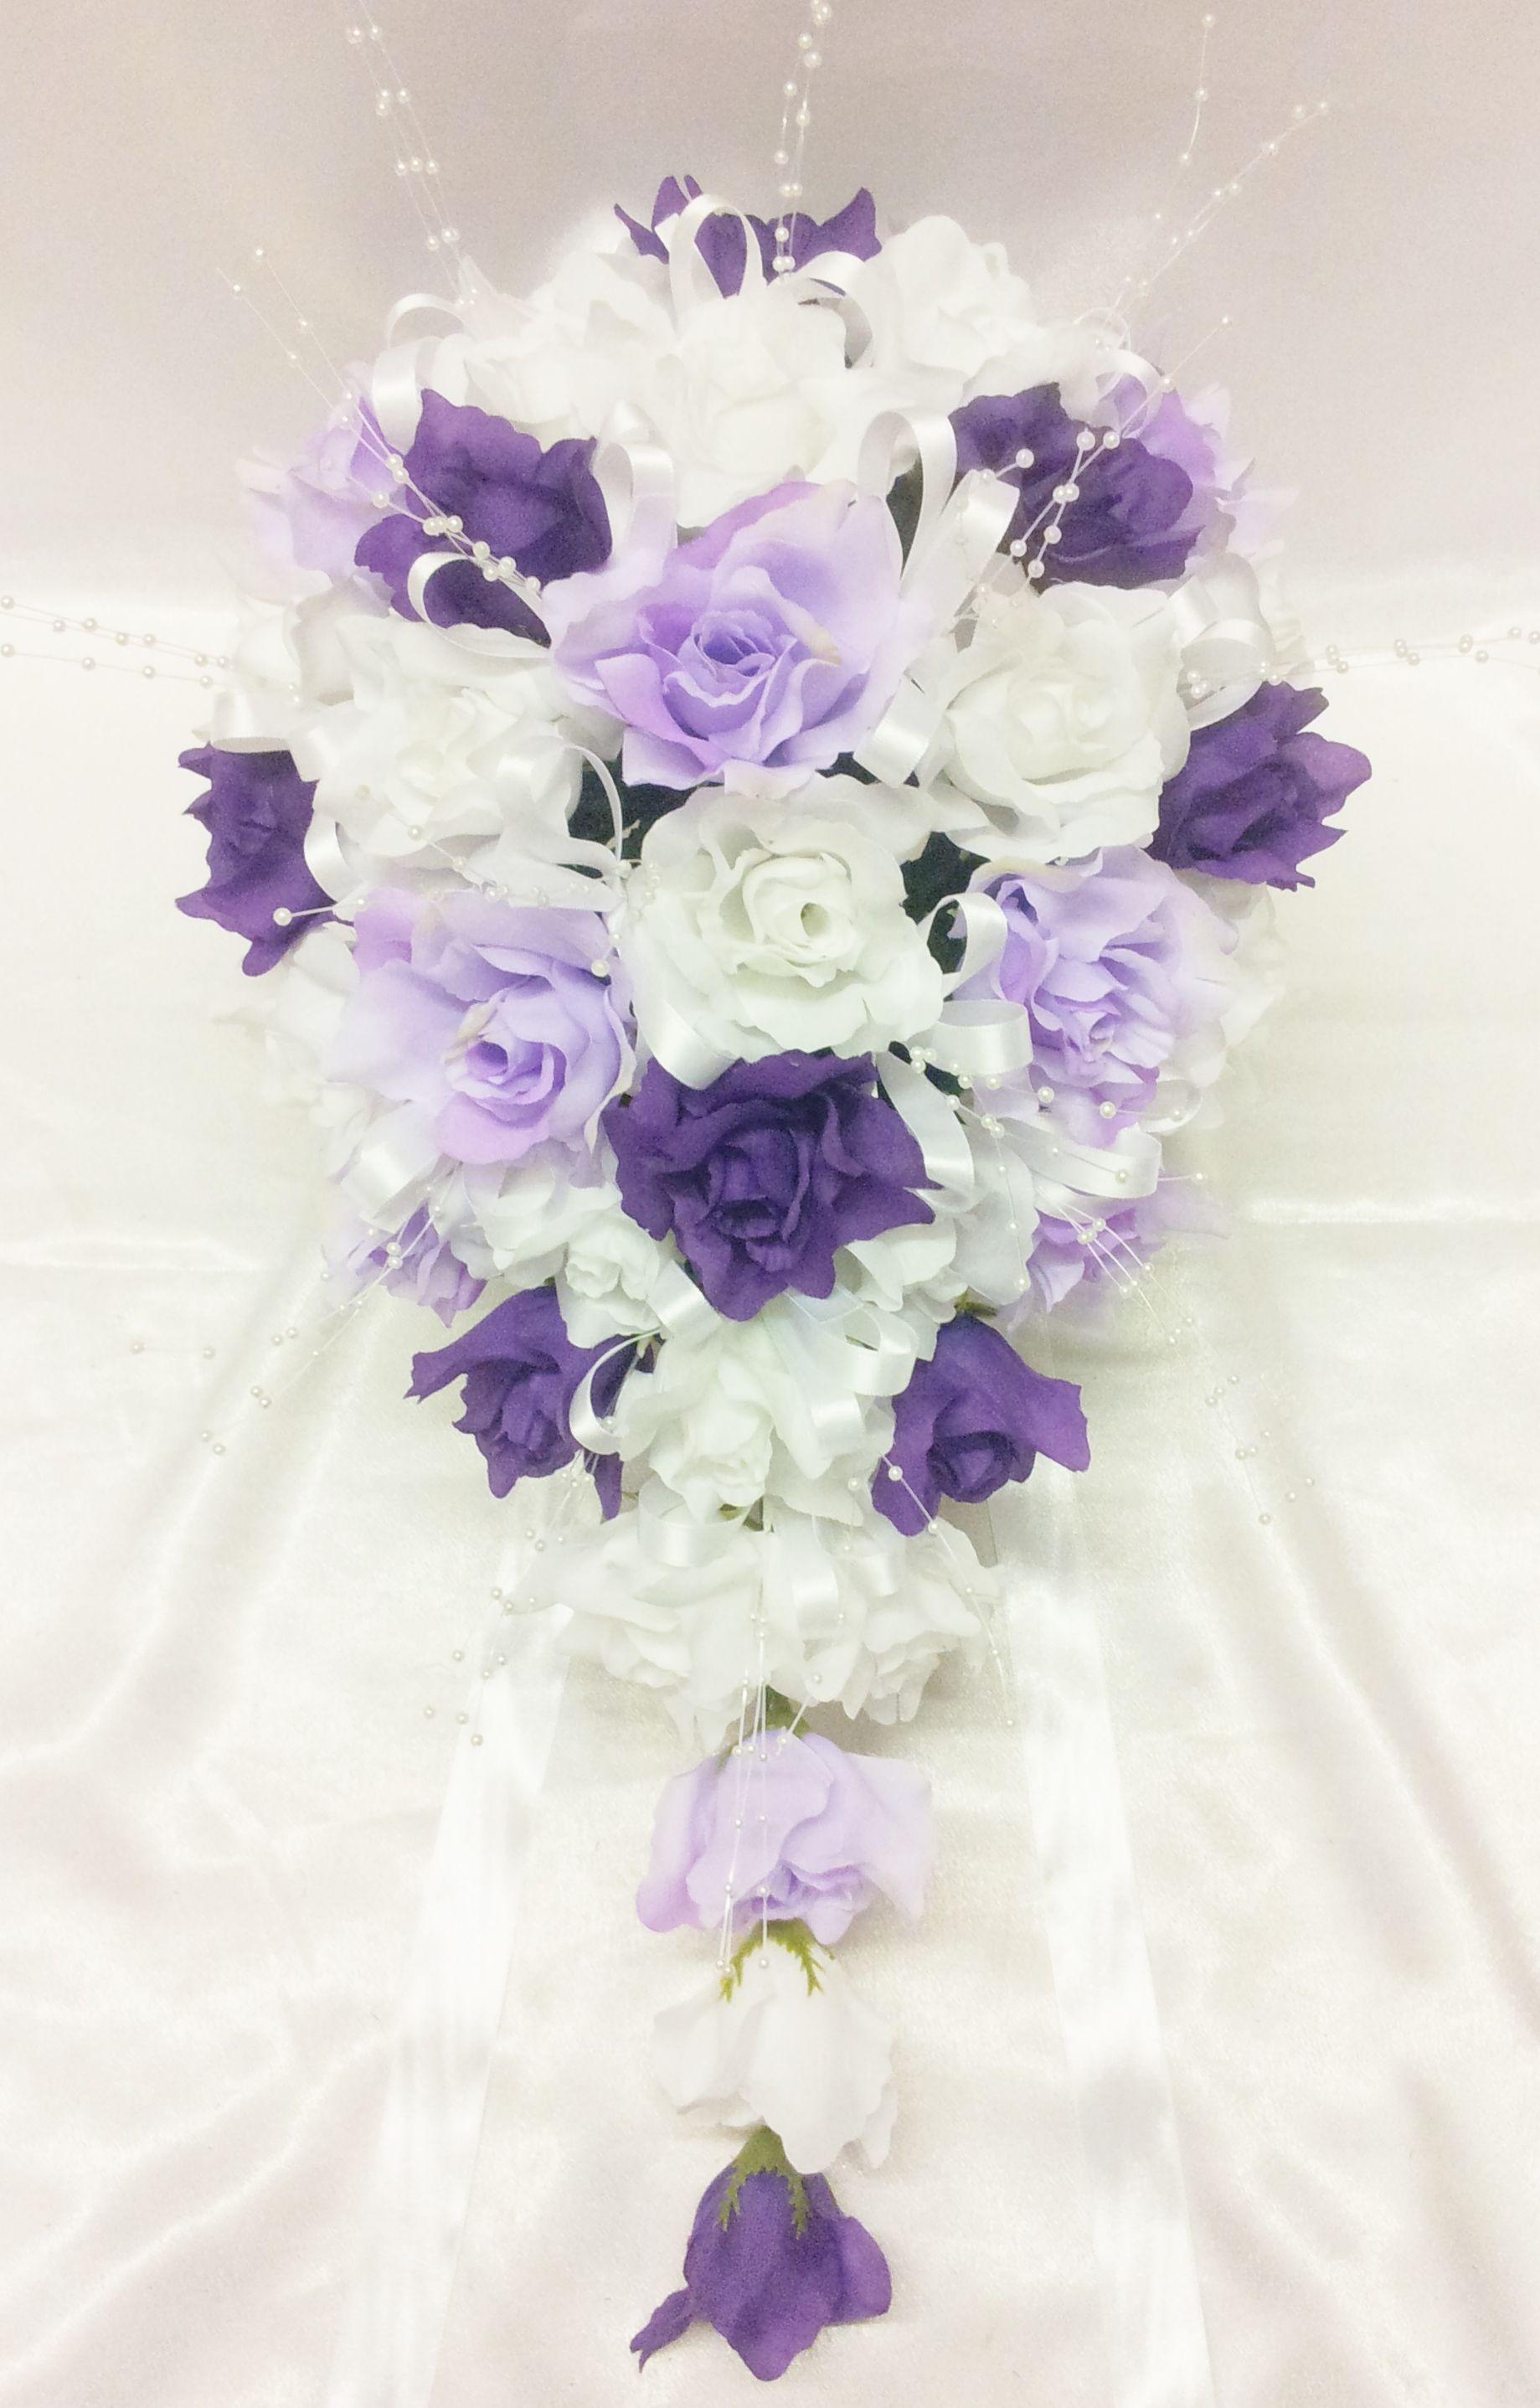 Cadbury Purple Silk Wedding Flowers : Details about silk artificial wedding flower bridal white